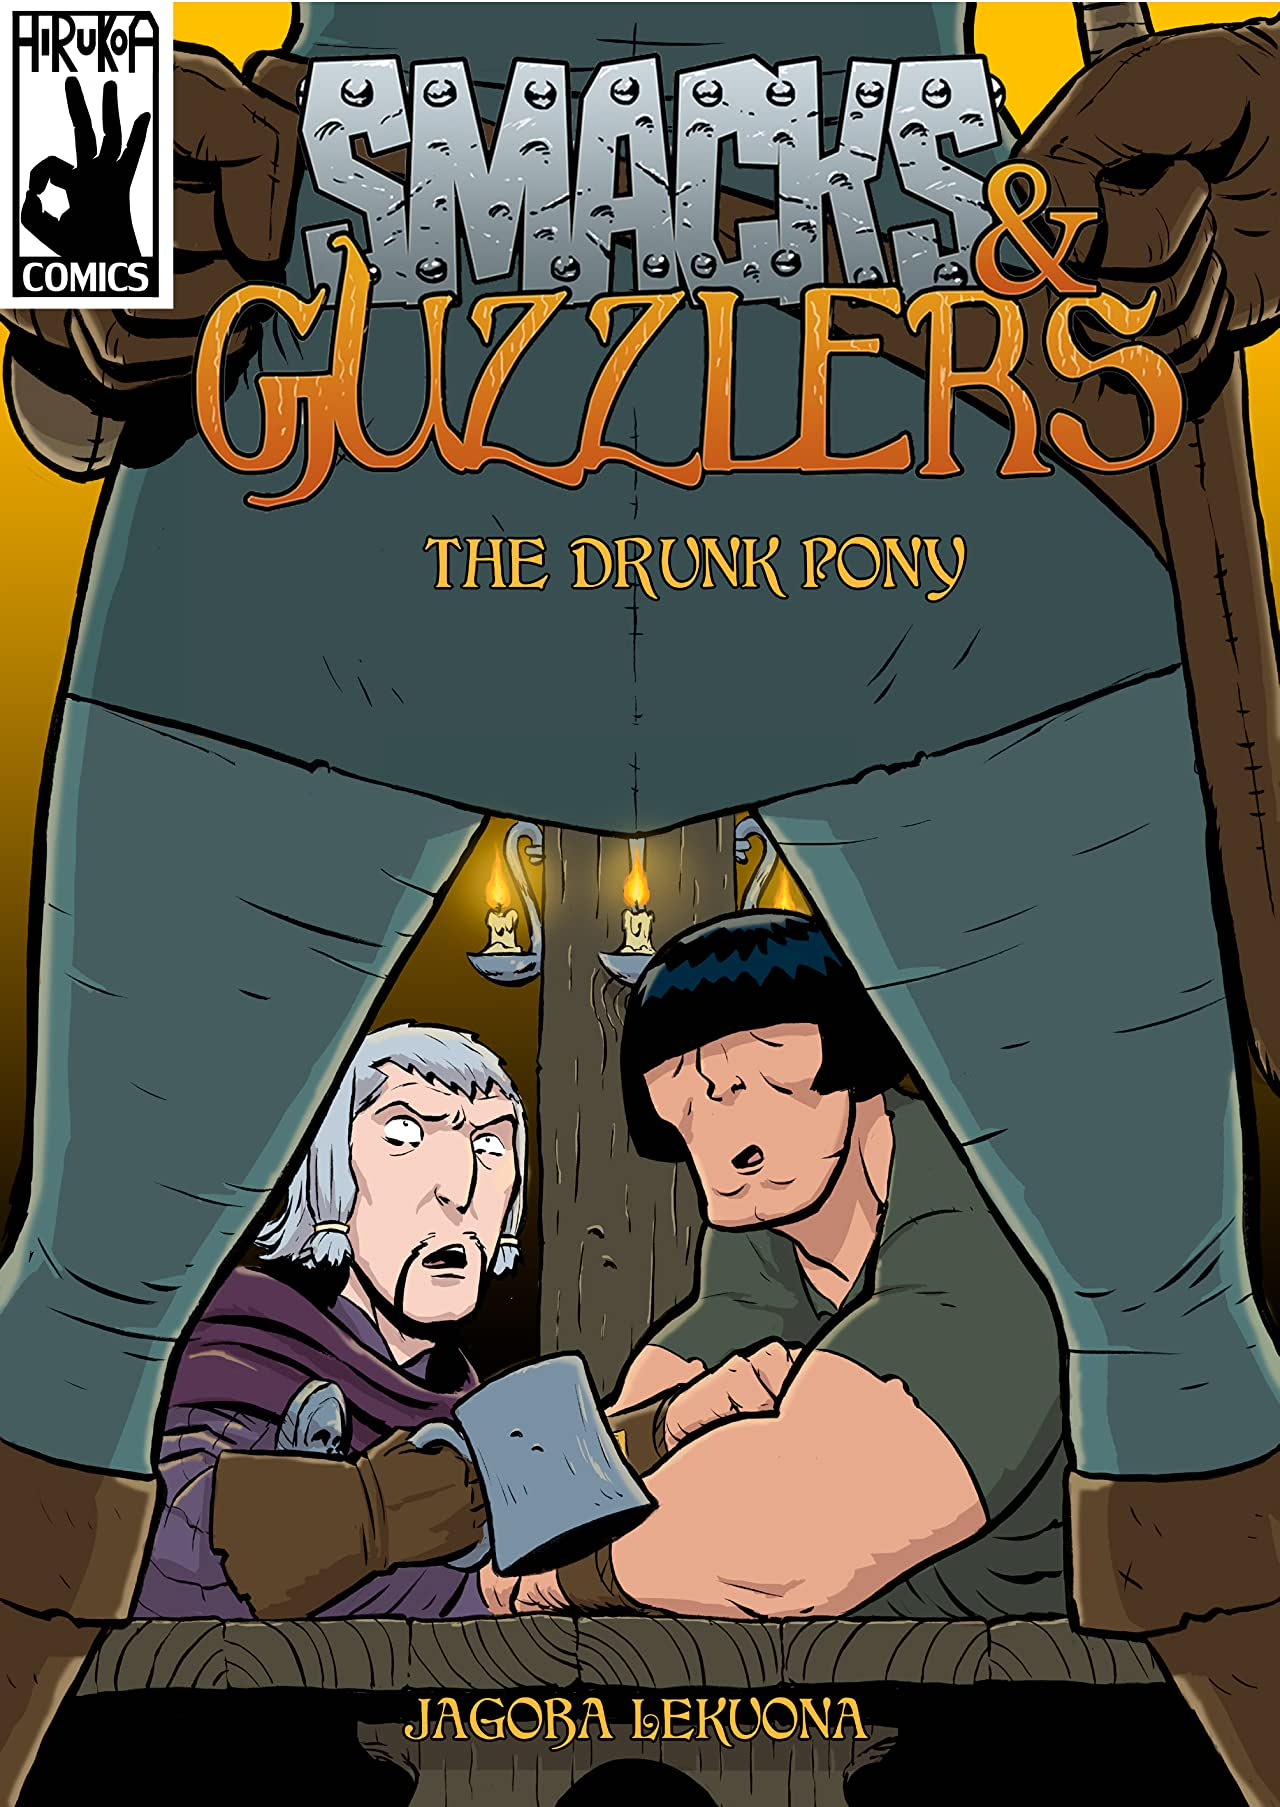 Smacks & Guzzlers #2